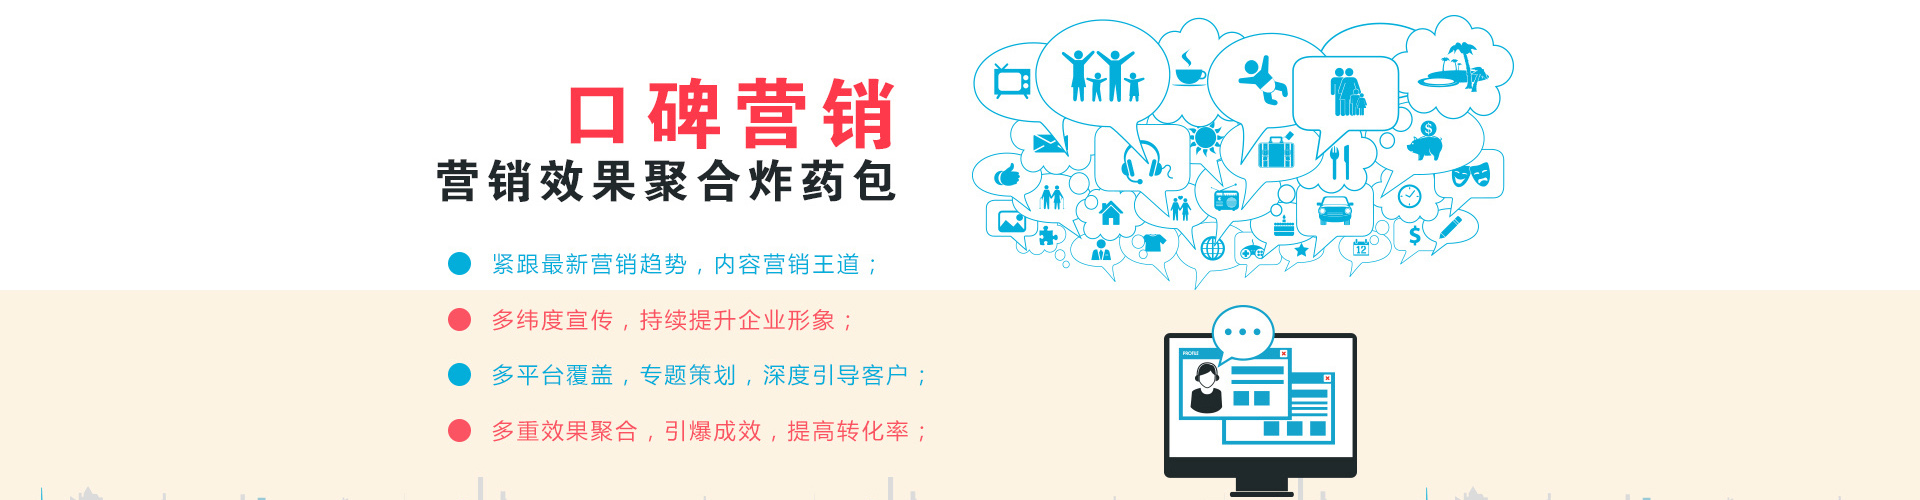 众山文化网络推广